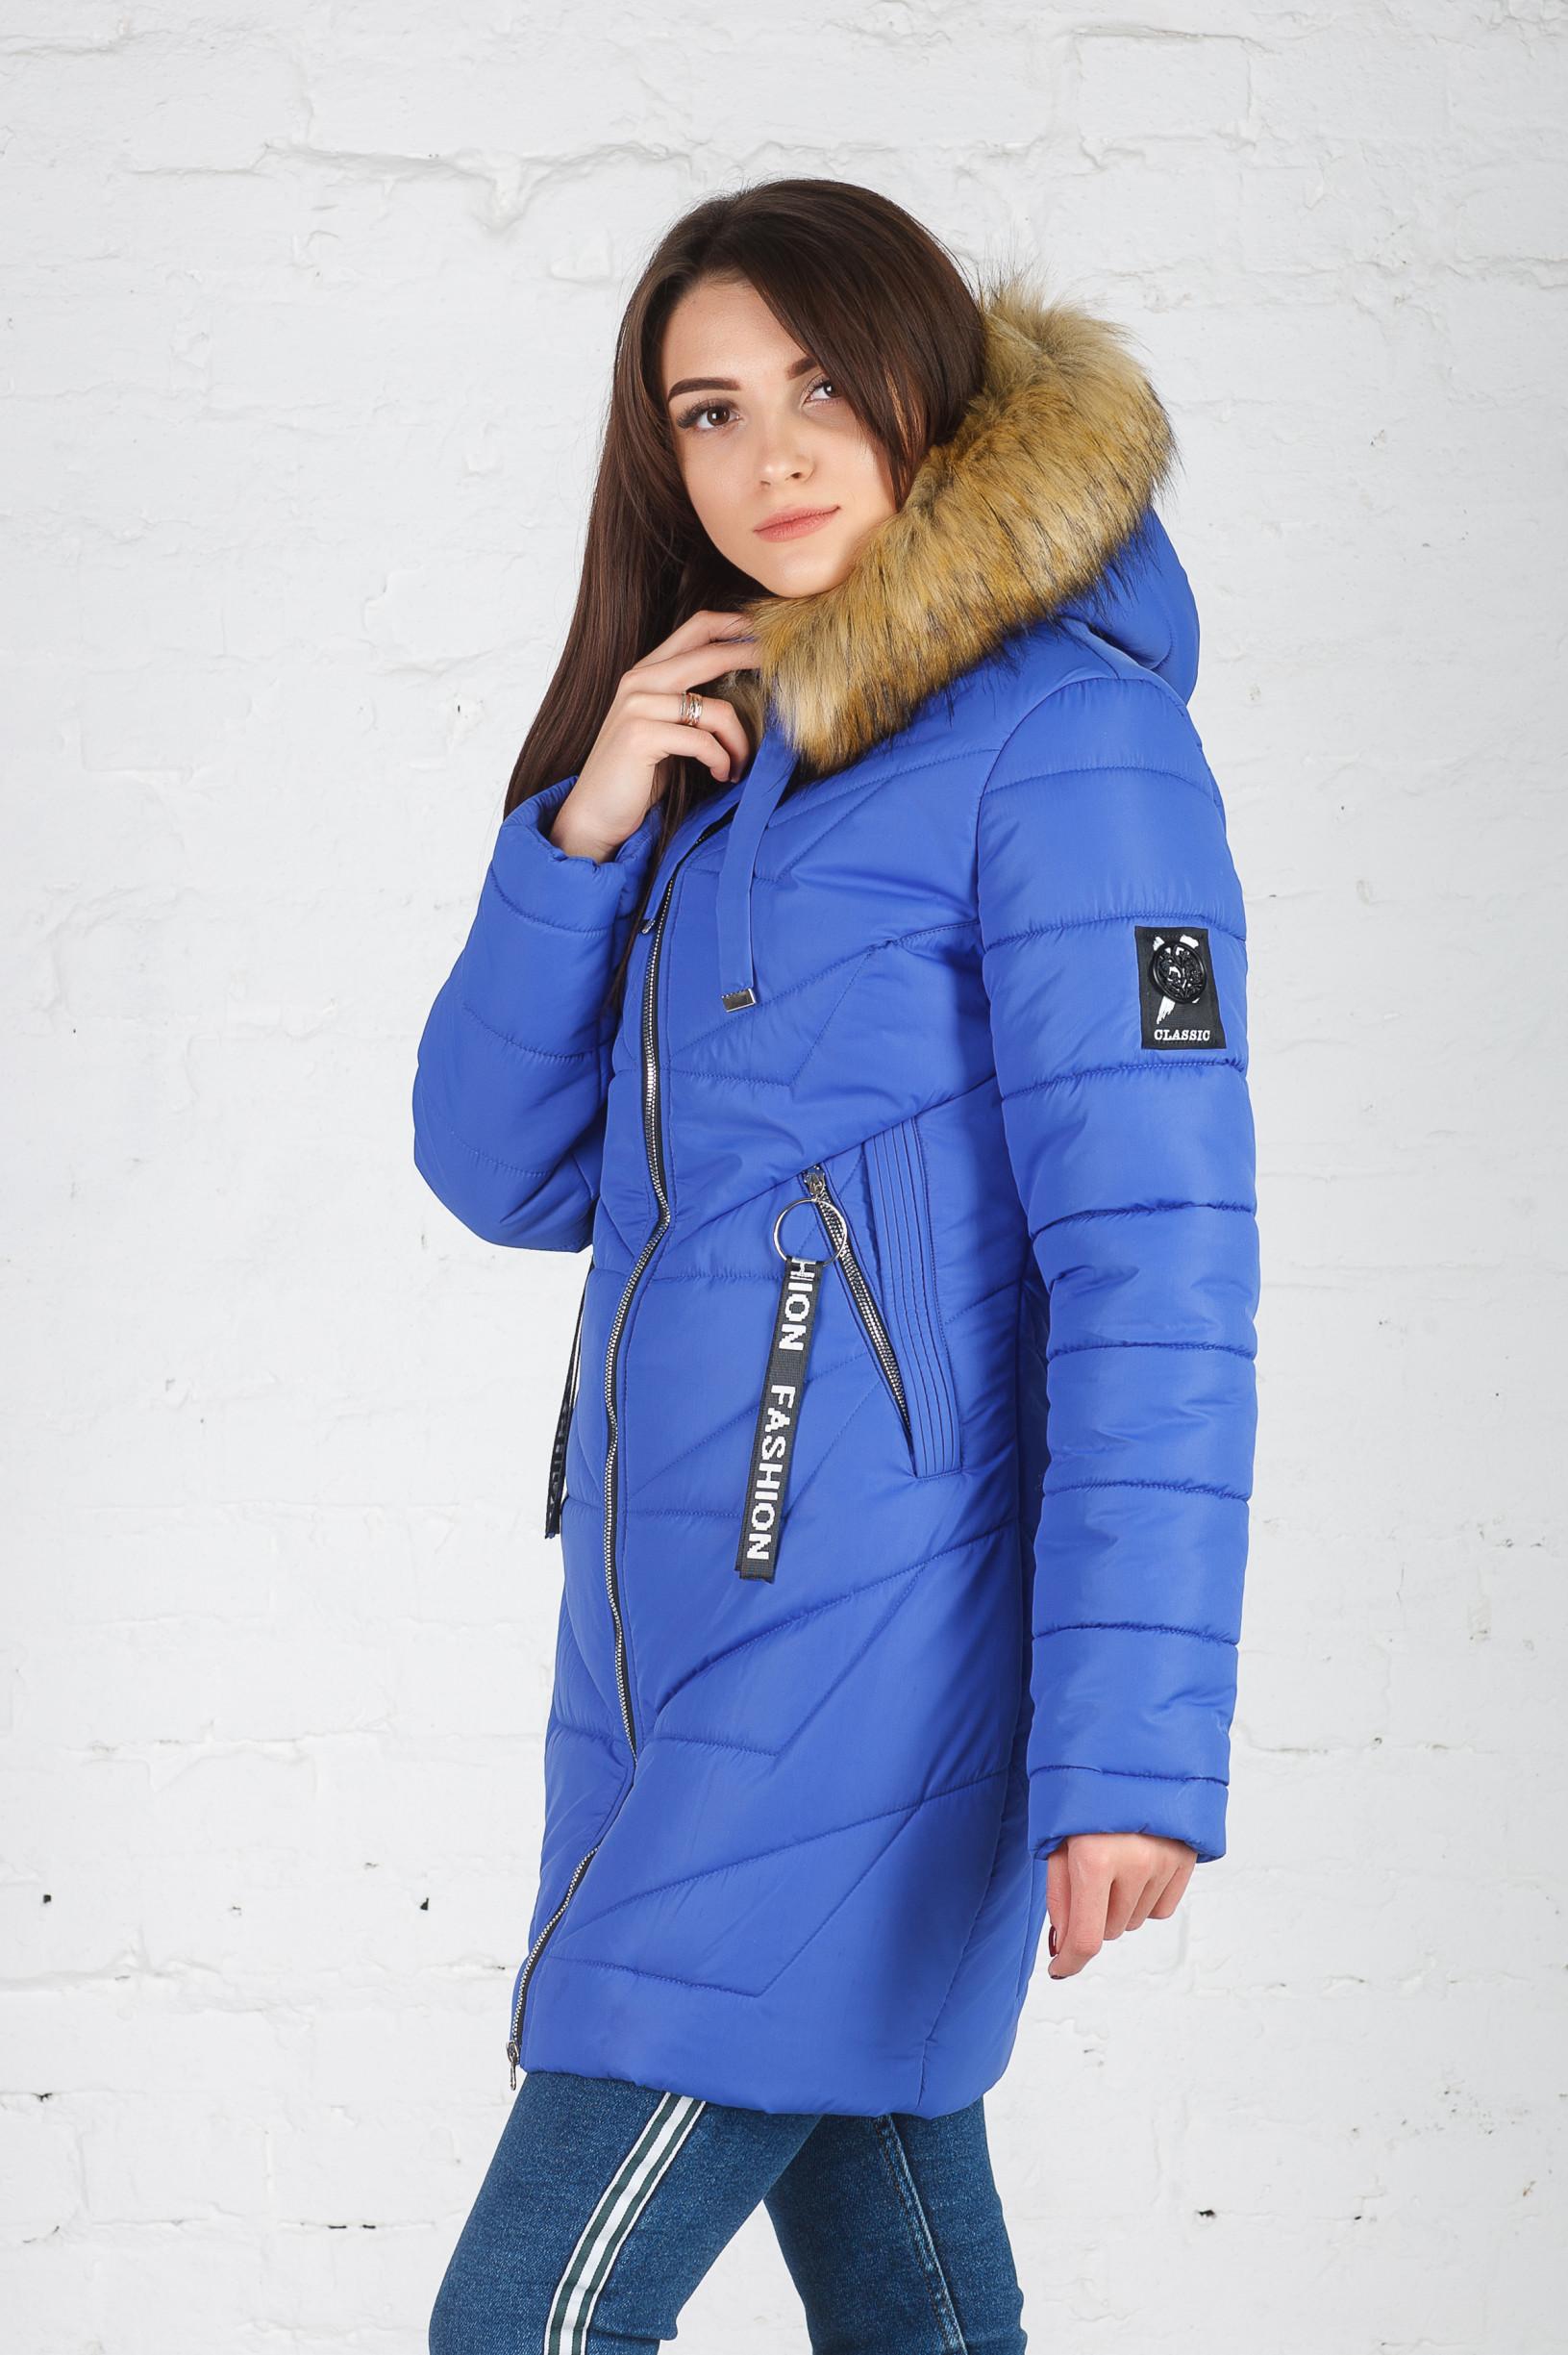 Молодёжная зимняя куртка Дейзи электрик